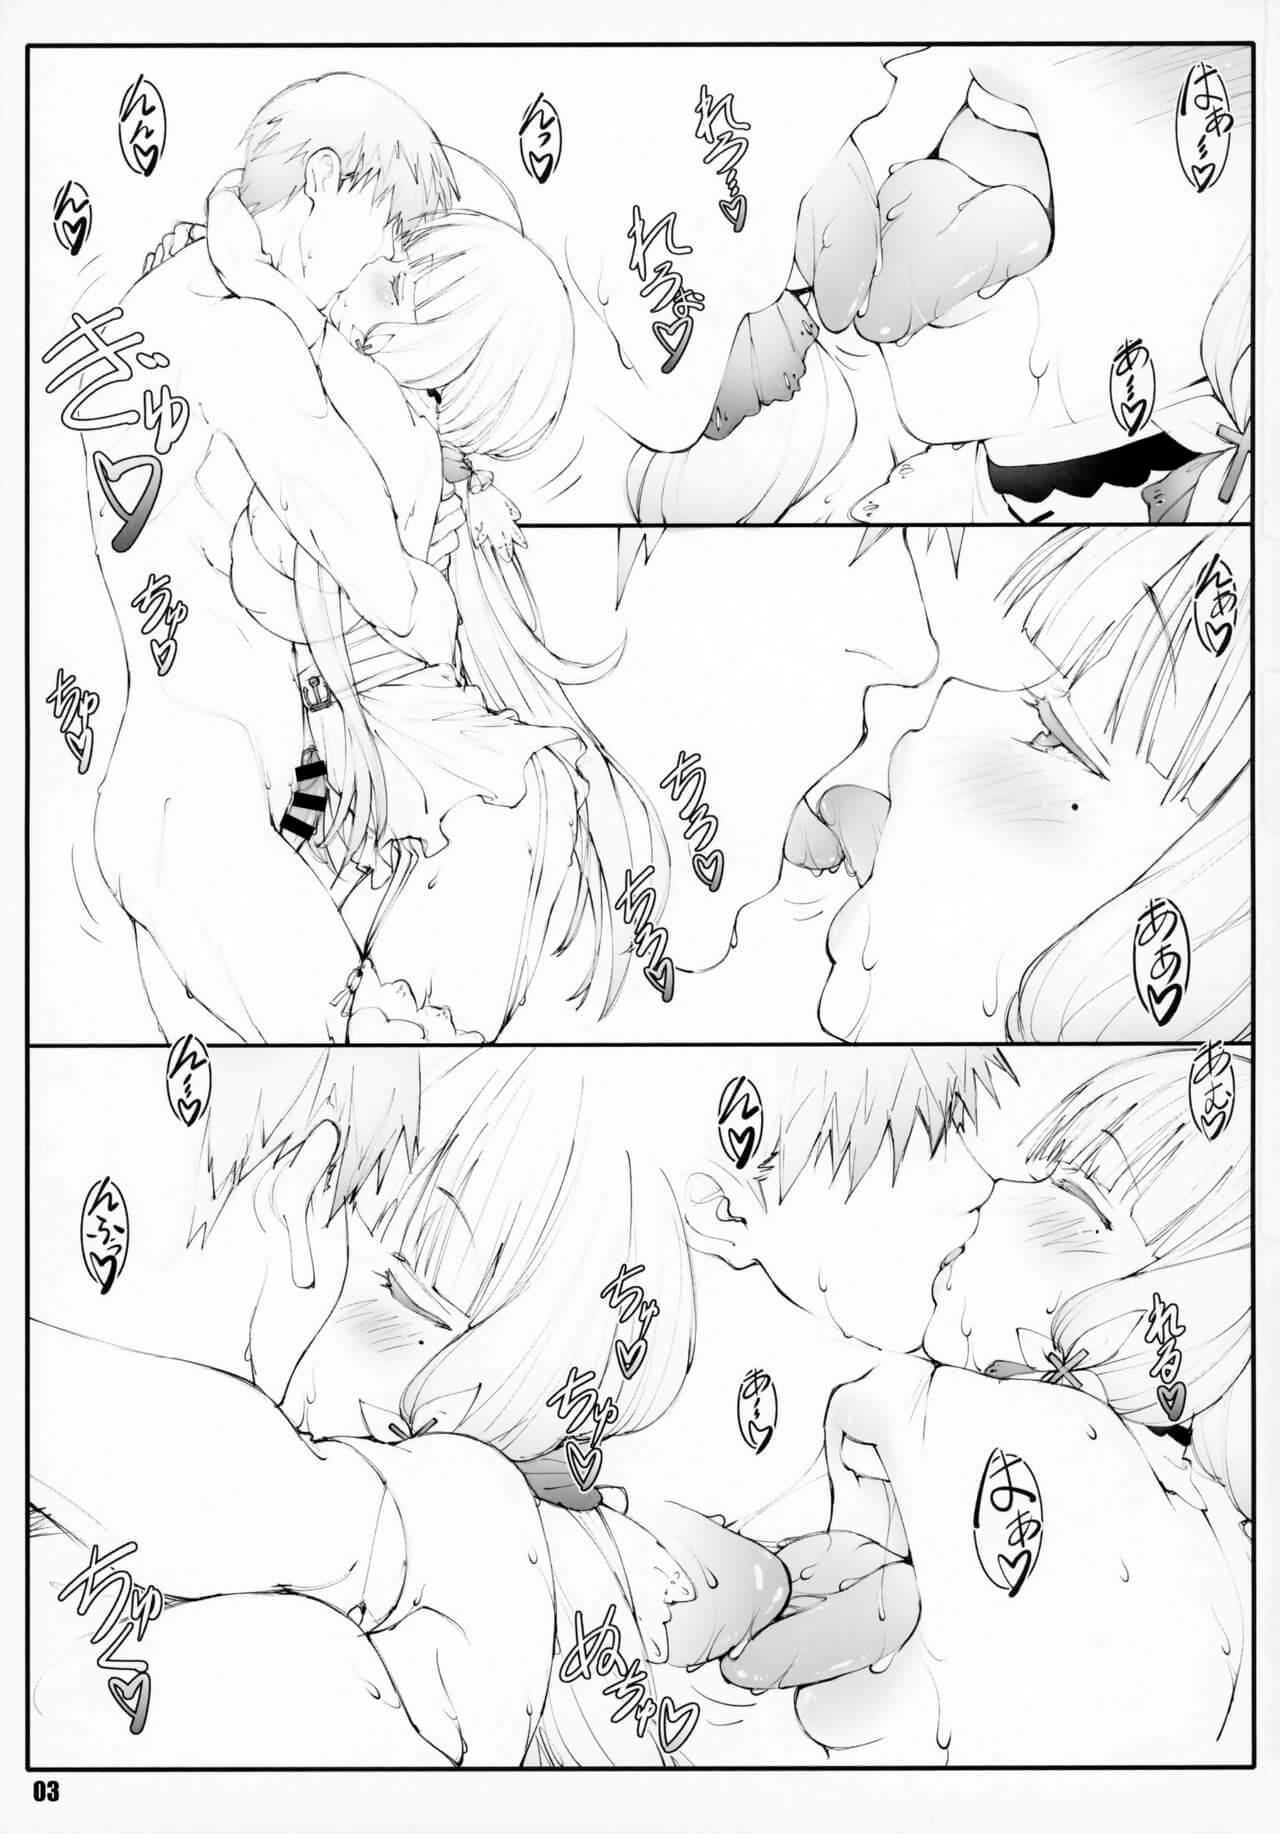 至高のベロチュー@エロ漫画